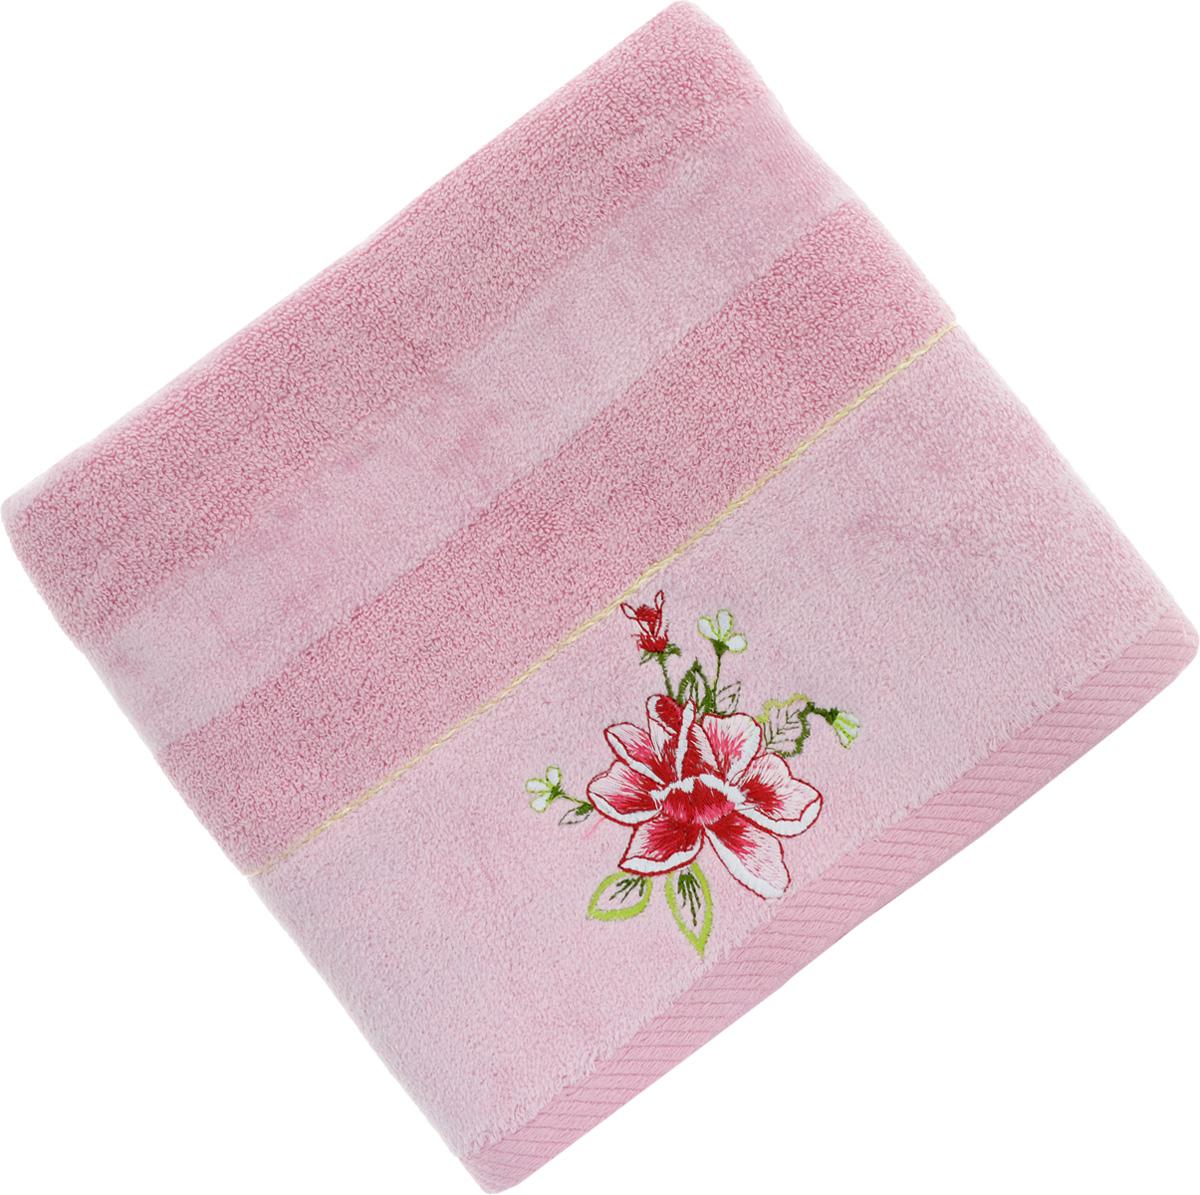 Полотенце Soavita Azalea, цвет: розовый, 50 х 90 смPARADIS I 75013-5C ANTIQUEПолотенце Soavita Azalea выполнено из 100% хлопка. Изделие отлично впитывает влагу, быстро сохнет, сохраняет яркость цвета и не теряет форму даже после многократных стирок. Полотенце очень практично и неприхотливо в уходе. Оно создаст прекрасное настроение и украсит интерьер в ванной комнате.